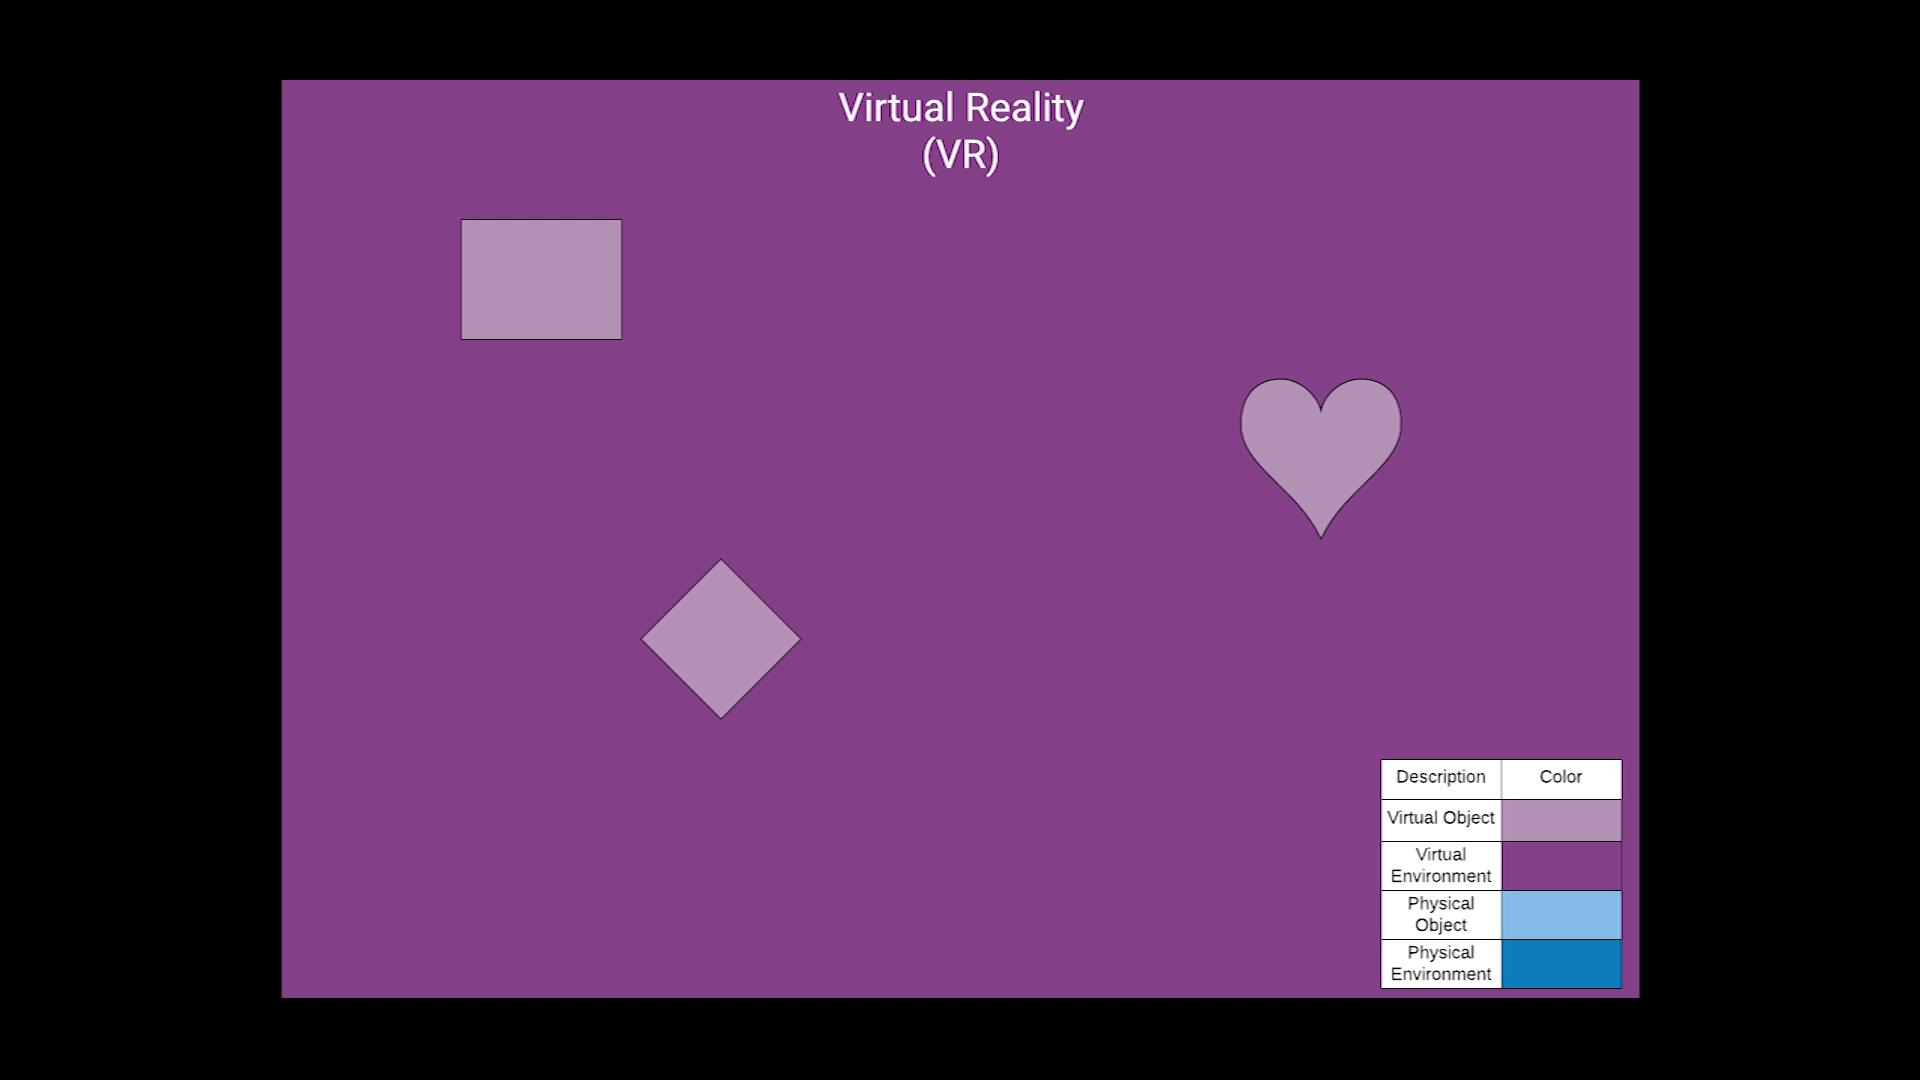 VR MR AR